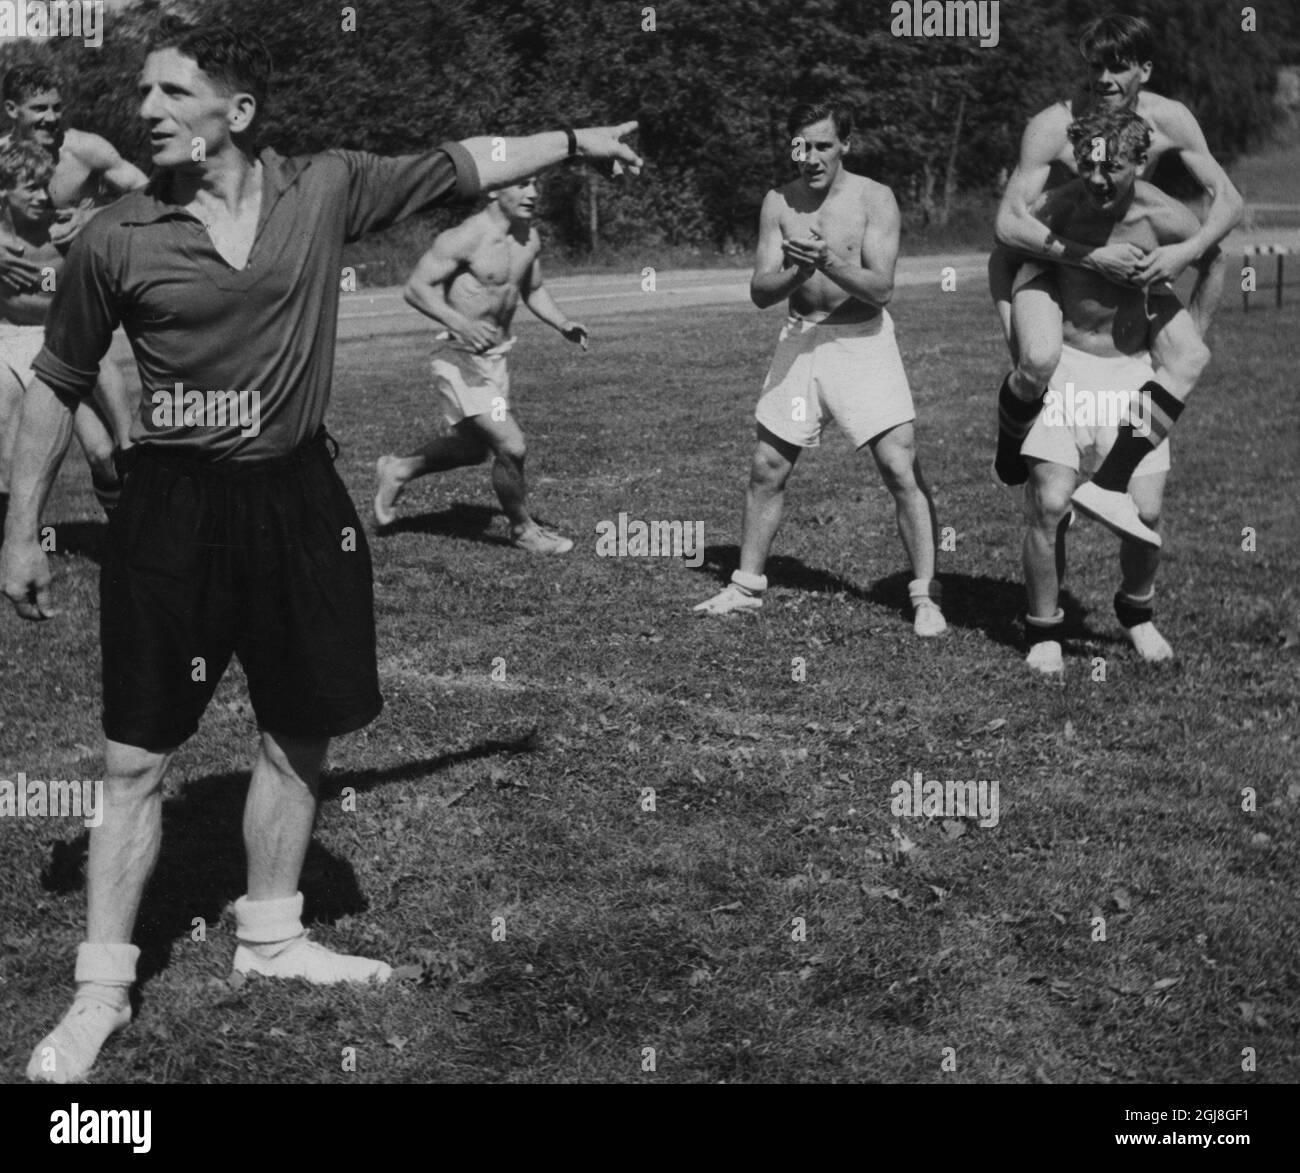 ESTOCOLMO 1948-06-30 Landslagstranaren i fotboll George Raynor med 'Morgondagens man'. El entrenador del equipo nacional George Raynor durante una sesión de entrenamiento con jugadores 'tomorrows'. George Raynor (1907-1985), futbolista inglés y gerente. Fue el entrenador del equipo nacional de fútbol de Suecia durante los años 1940 y 1950. Los llevó al oro olímpico en 1948 y al bronce olímpico en 1952. En la Copa del Mundo, logró llevar a Suecia a un bronce en 1950 y plata en 1958. Foto: EXPRESSEN / SCANPIX kod 192 ** AFTONBLADET OUT** Foto de stock